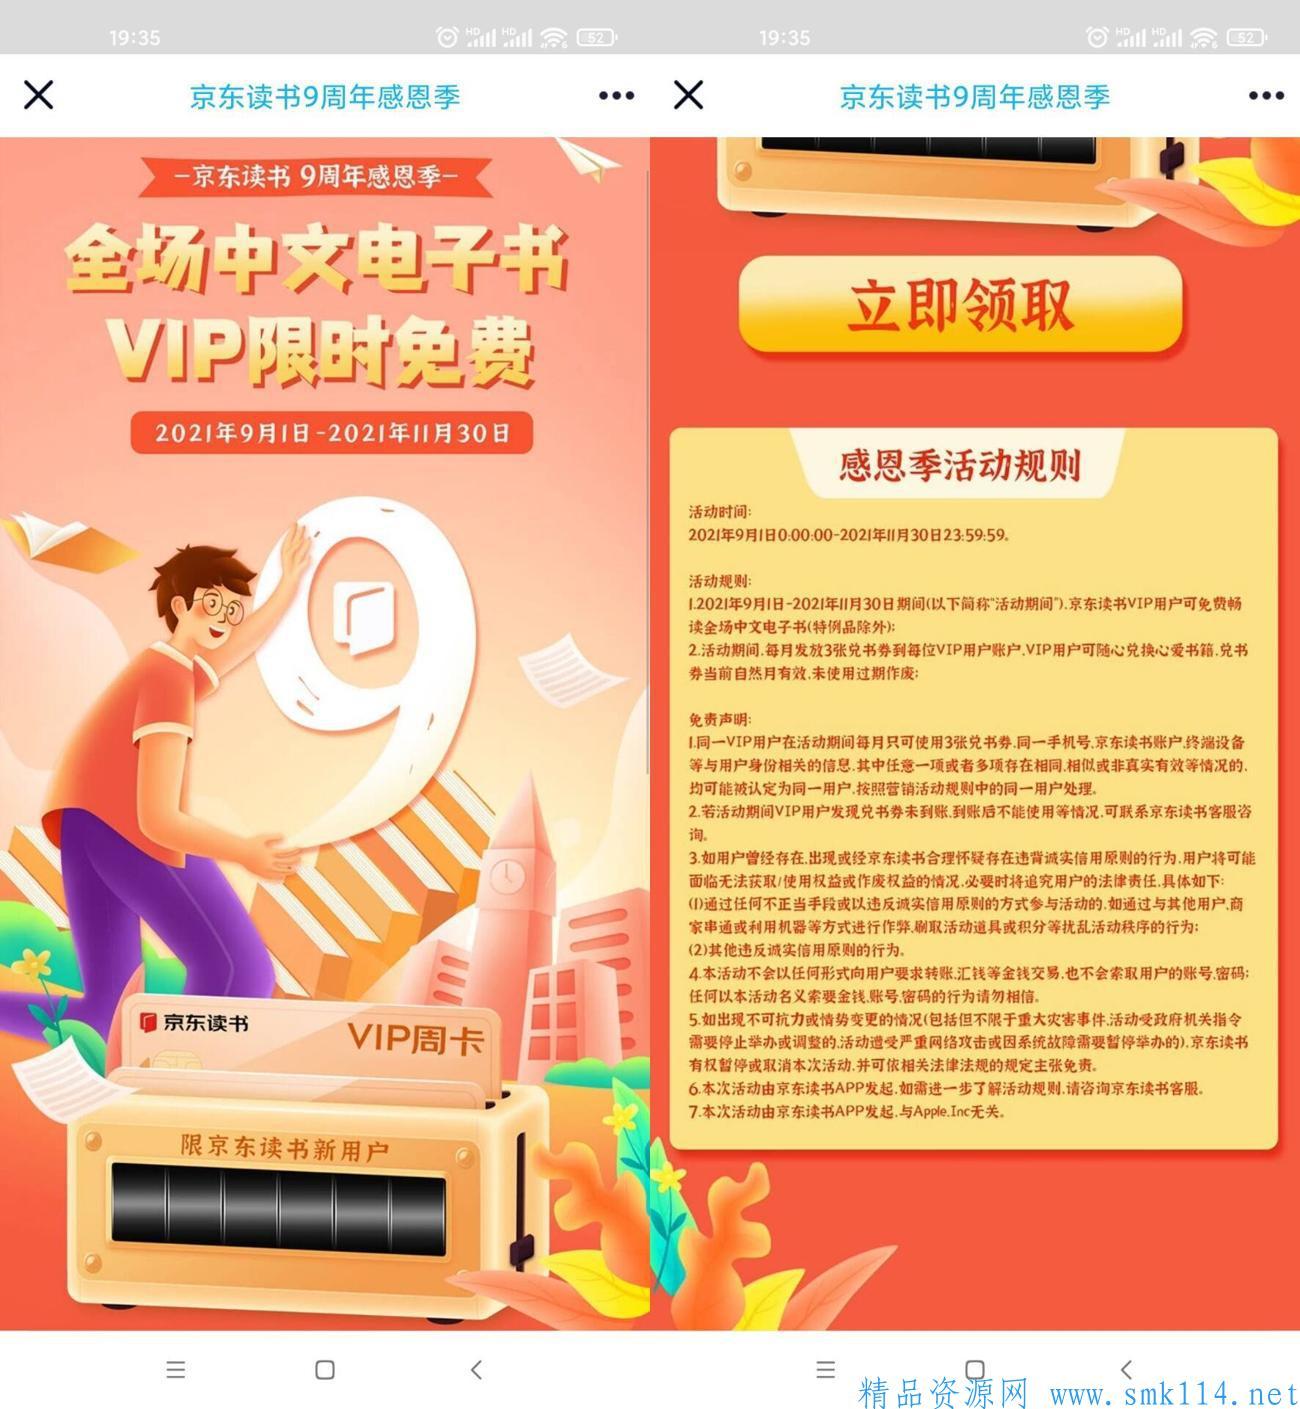 [免费会员] 京东读书会员中文电子书无限畅读